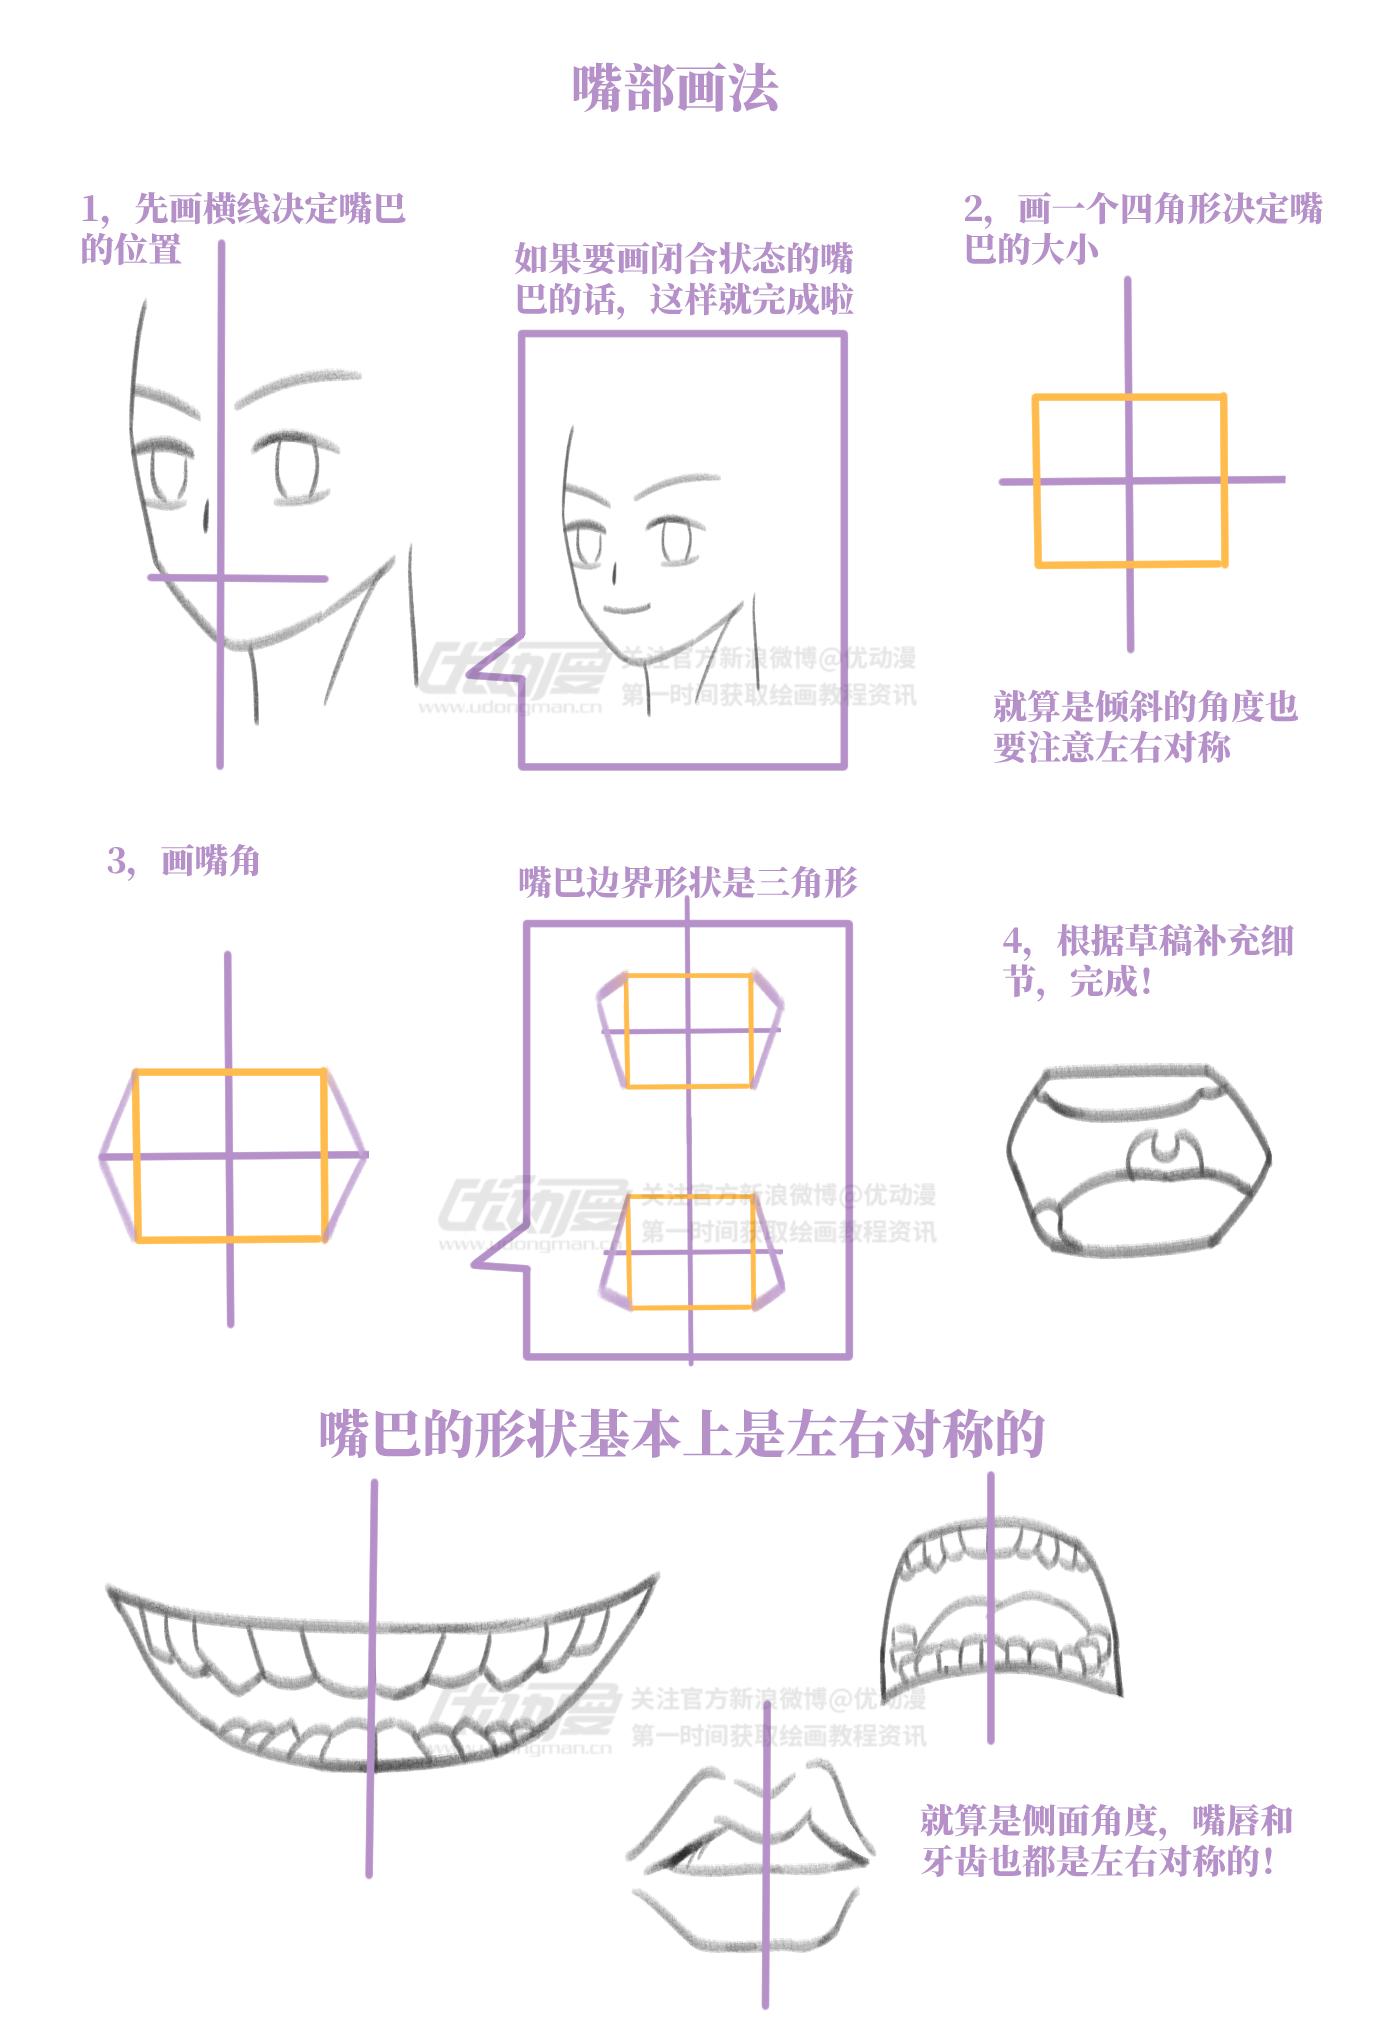 嘴部画法参考2.png